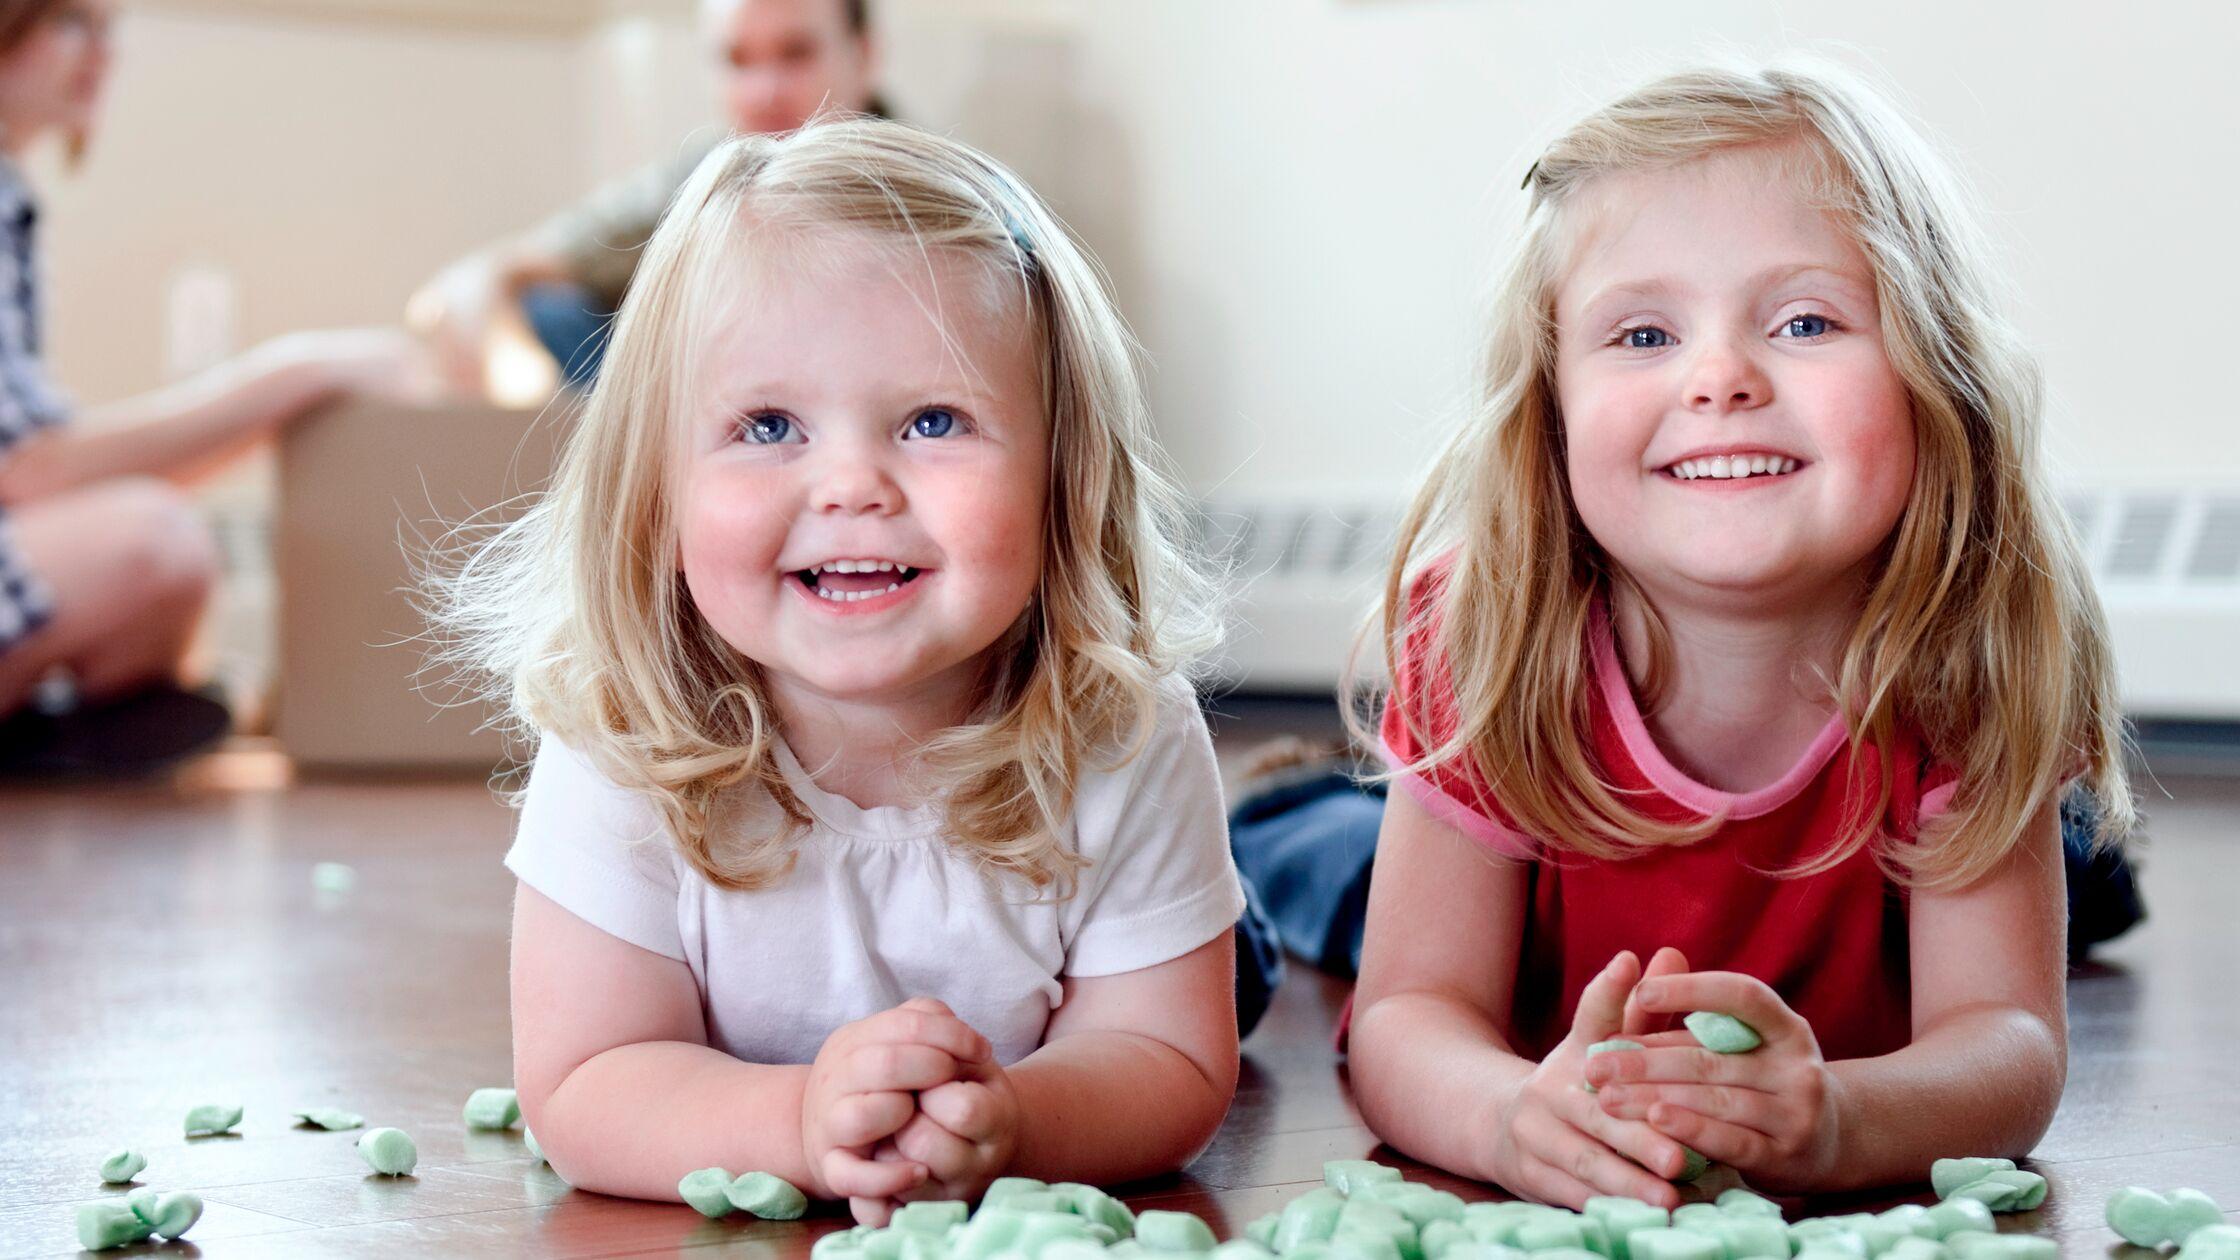 Kleine Mädchen spielen mit Verpackungsmaterial, im Hintergrund die Eltern mit